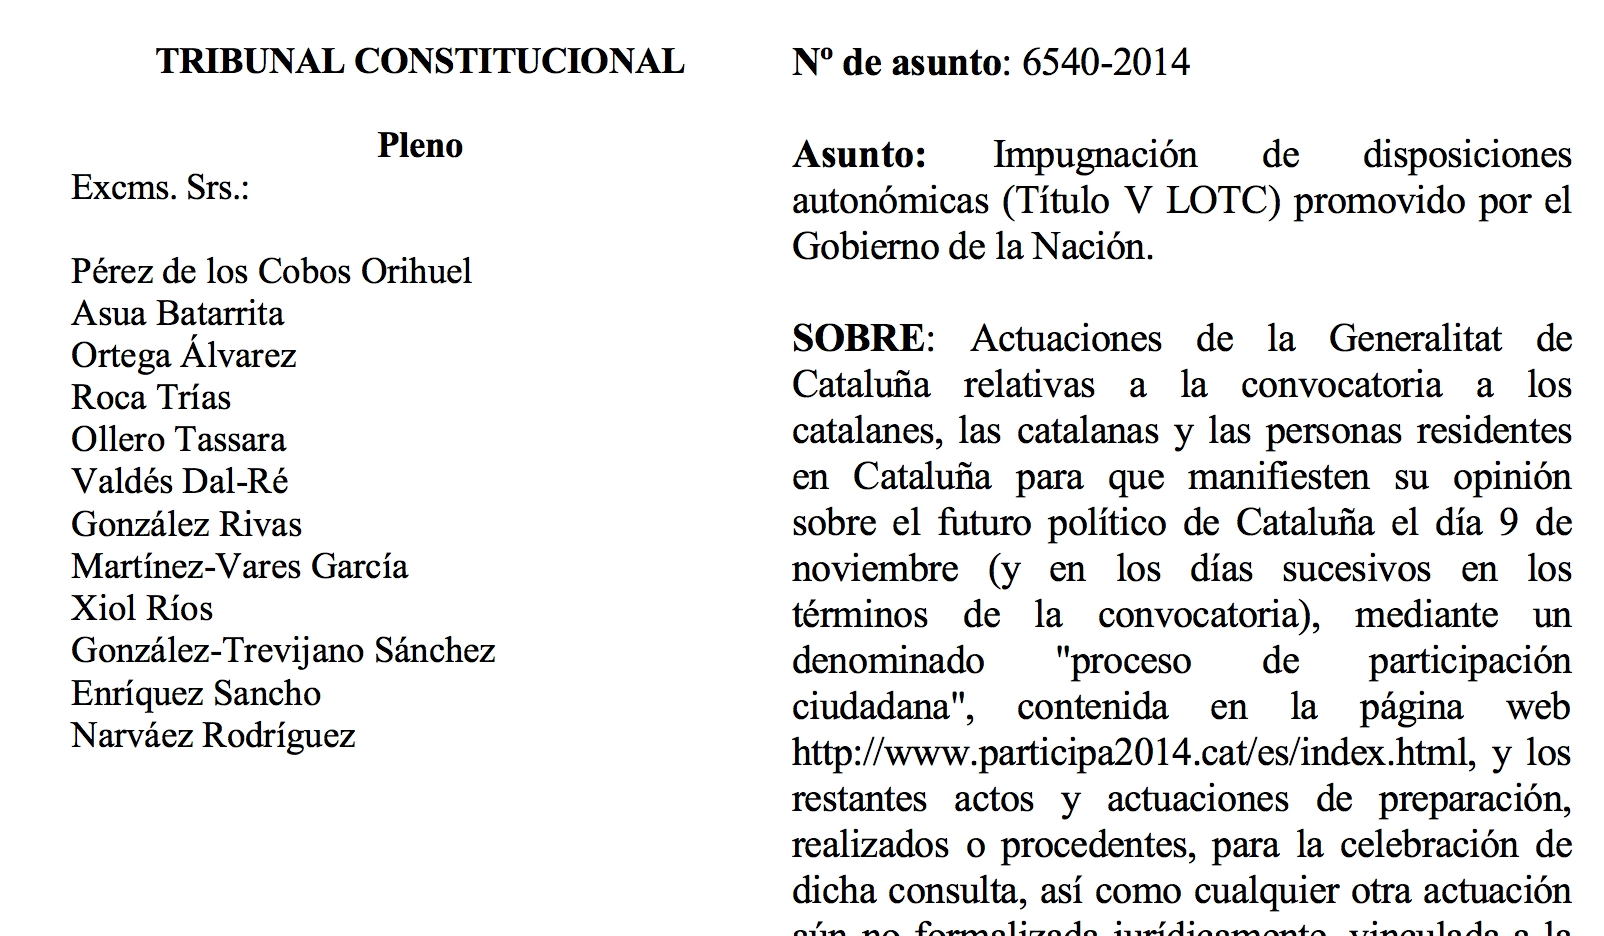 La nova resolució del Tribunal Constitucional espanyol contra el 9-N